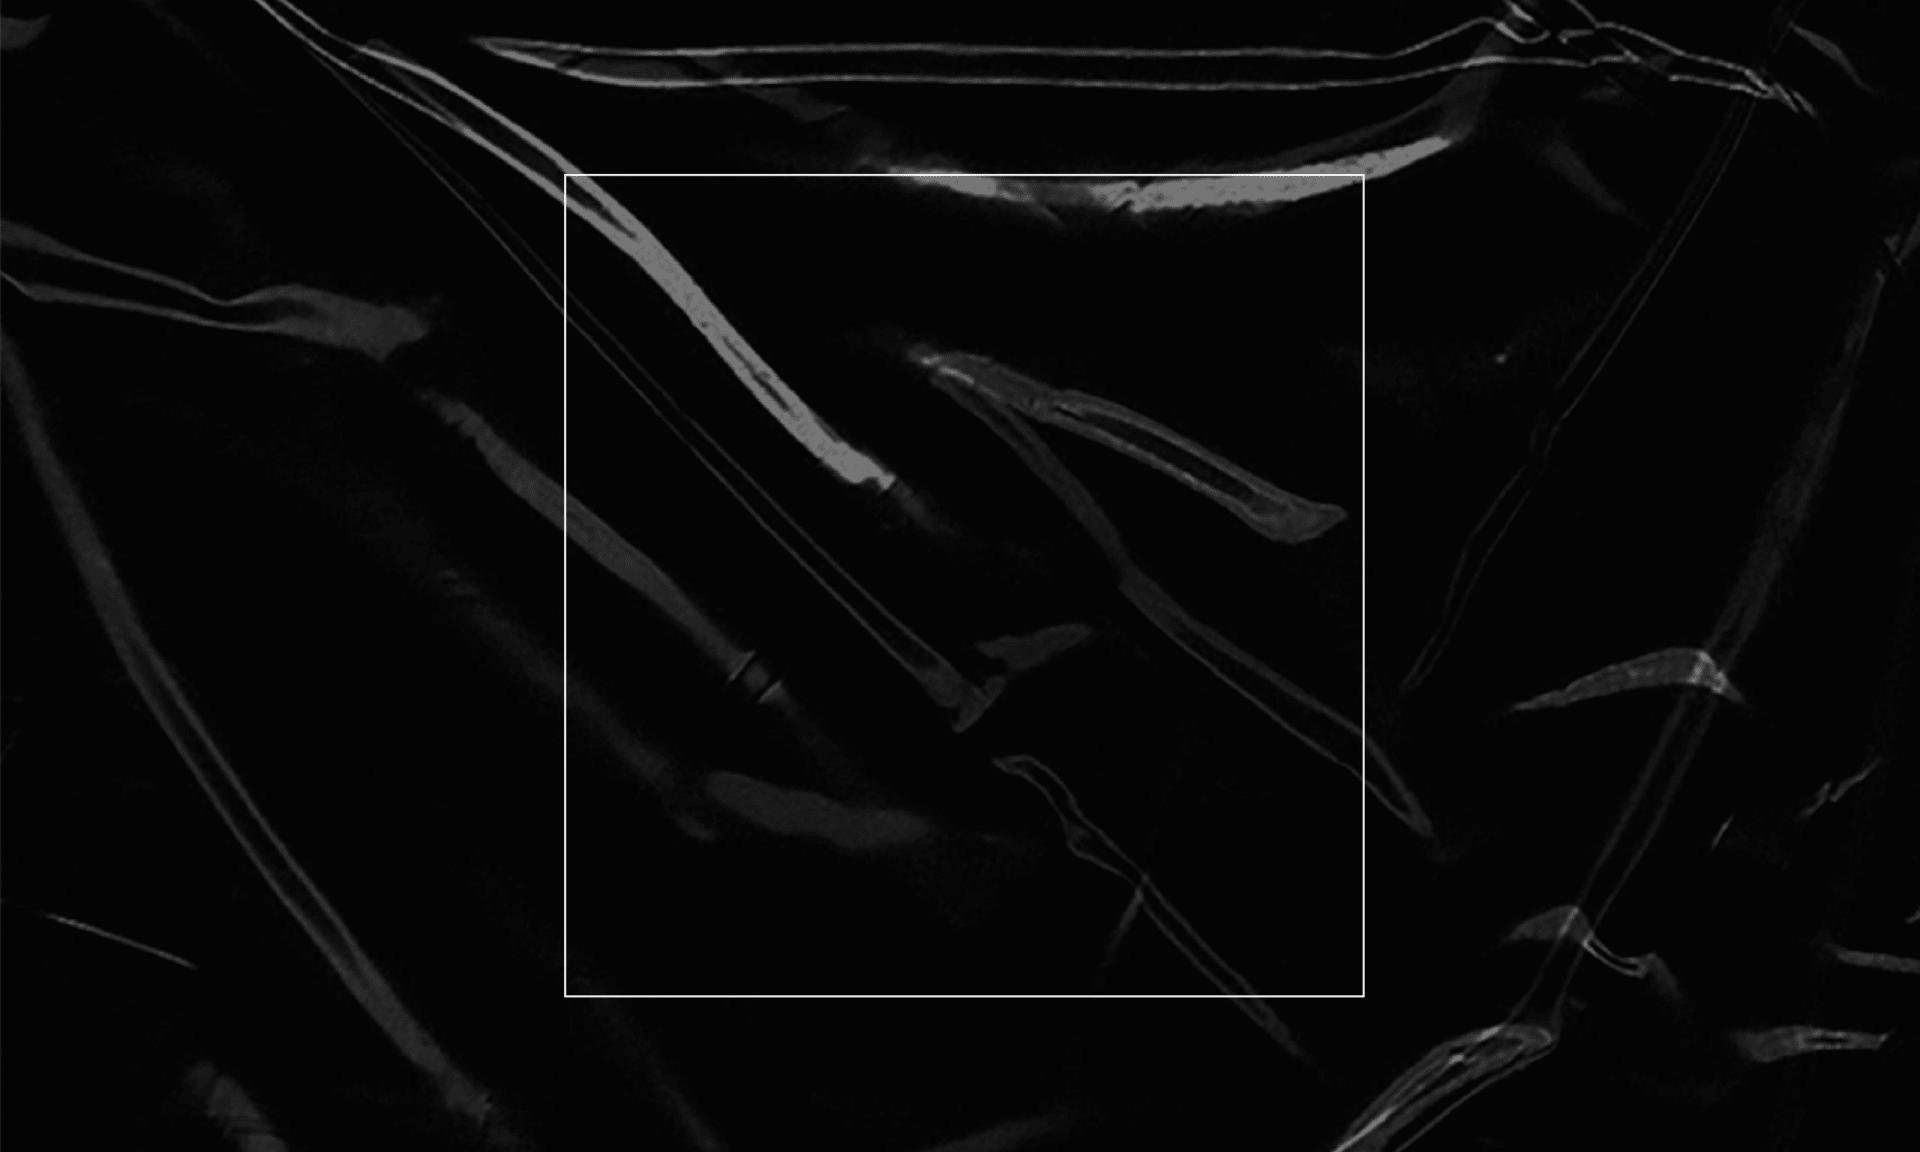 Pătratul negru